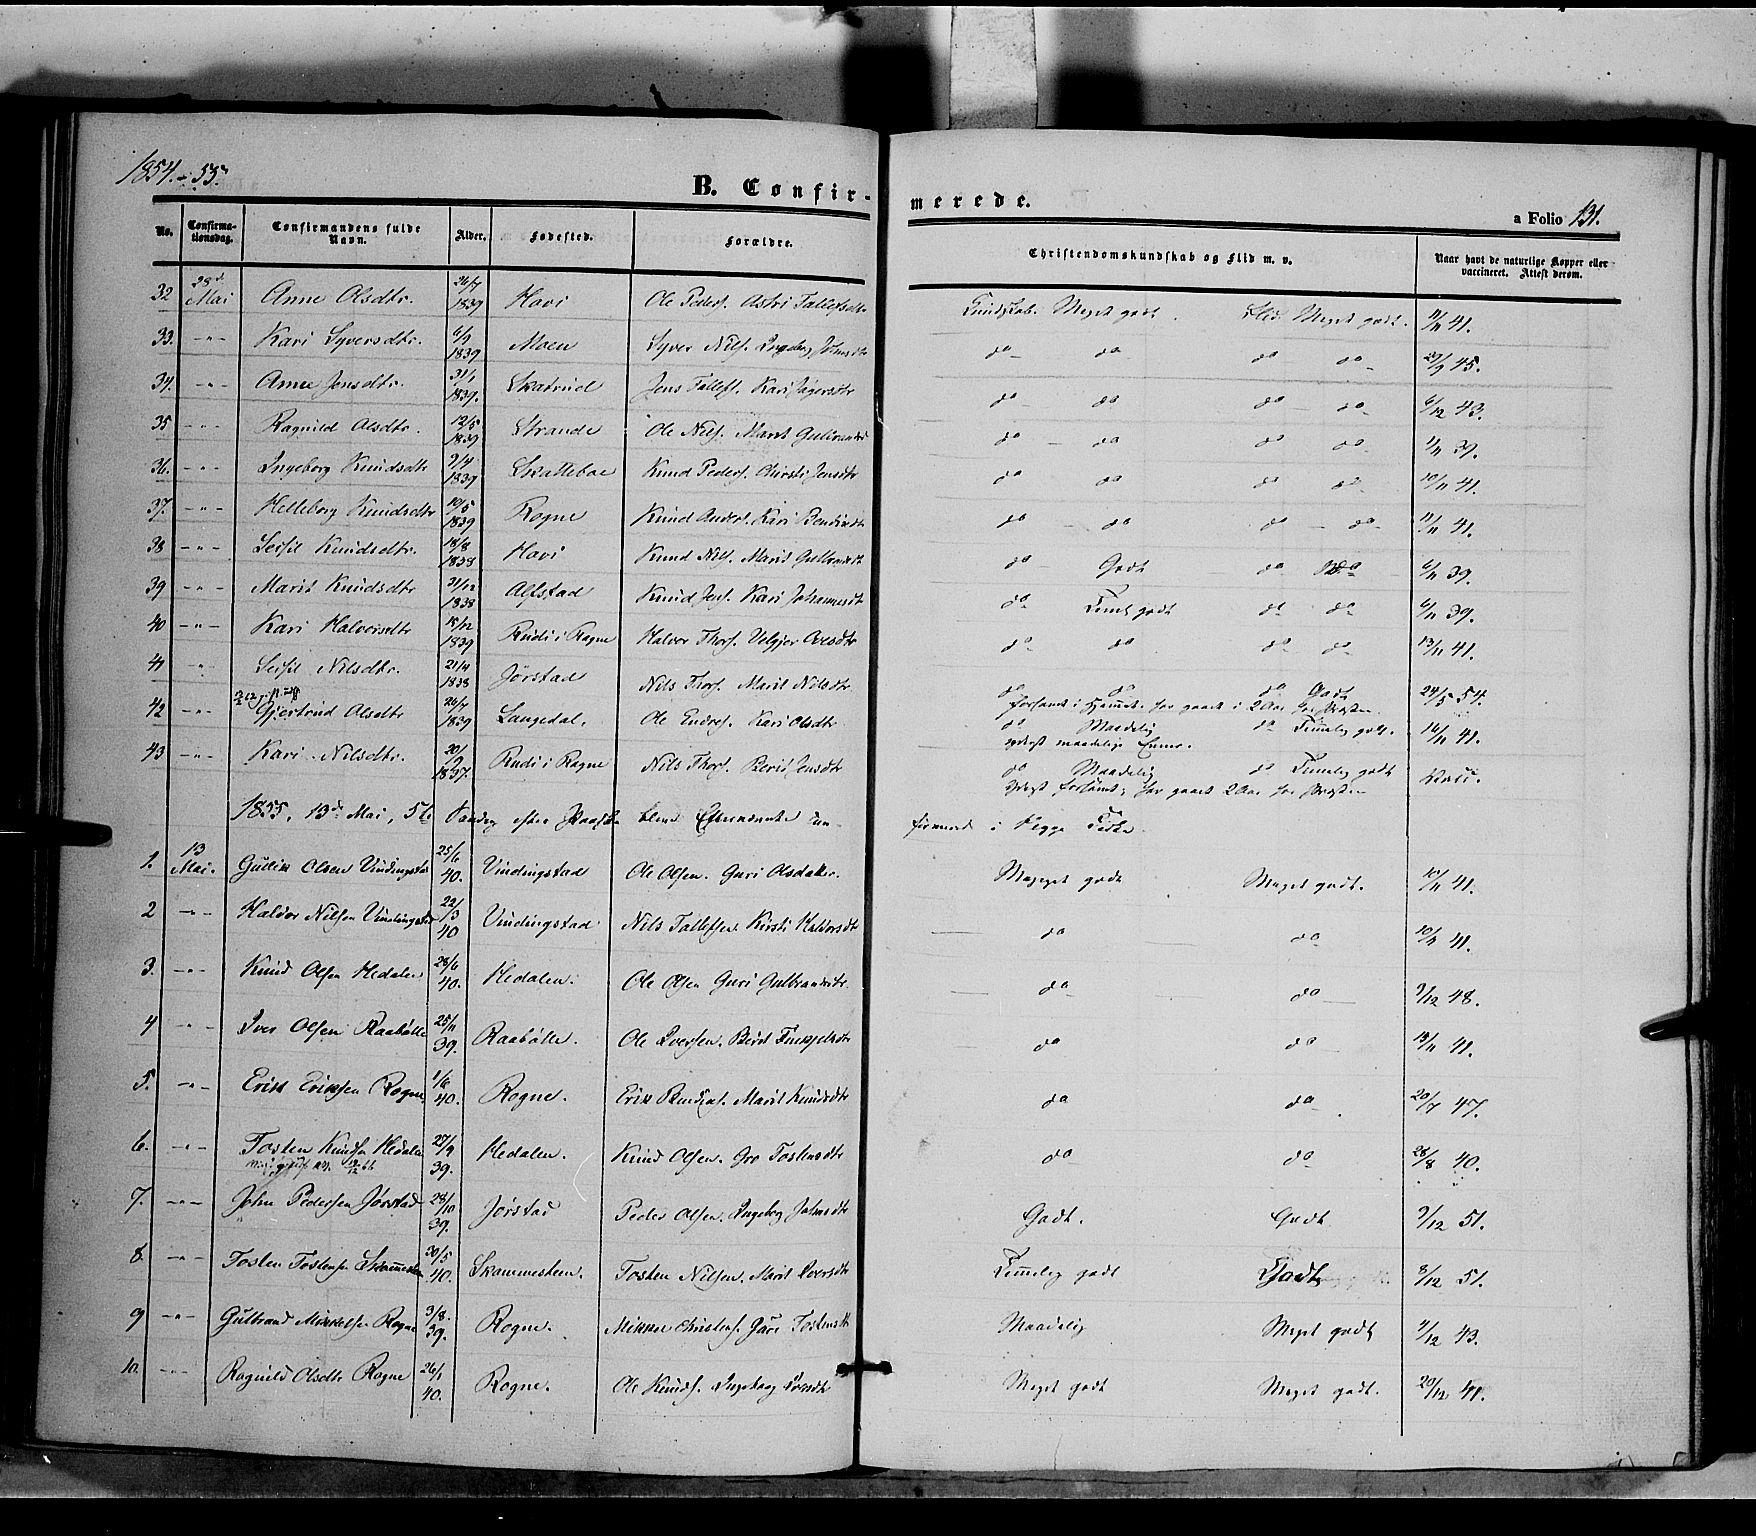 SAH, Øystre Slidre prestekontor, Ministerialbok nr. 1, 1849-1874, s. 131